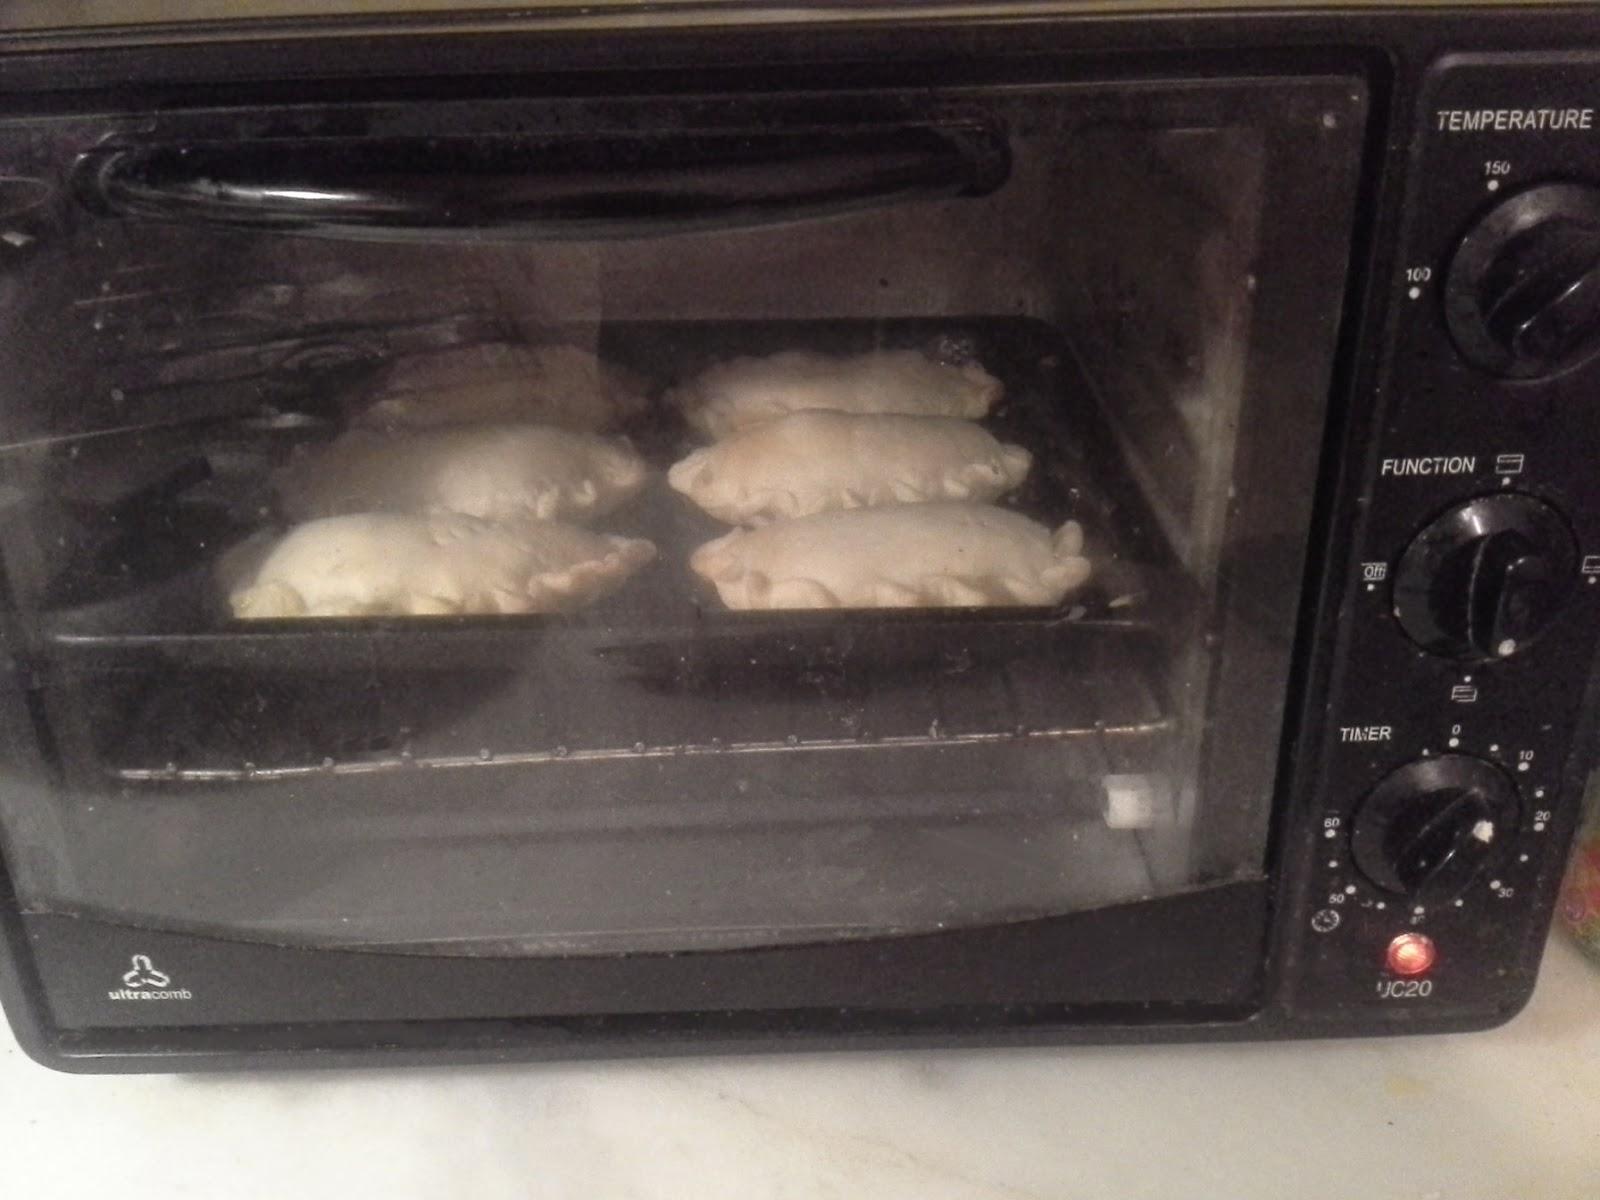 Cocinar En Horno Electrico | Zopencas En La Cocina Relleno Para Empanadas De Carne En Microondas